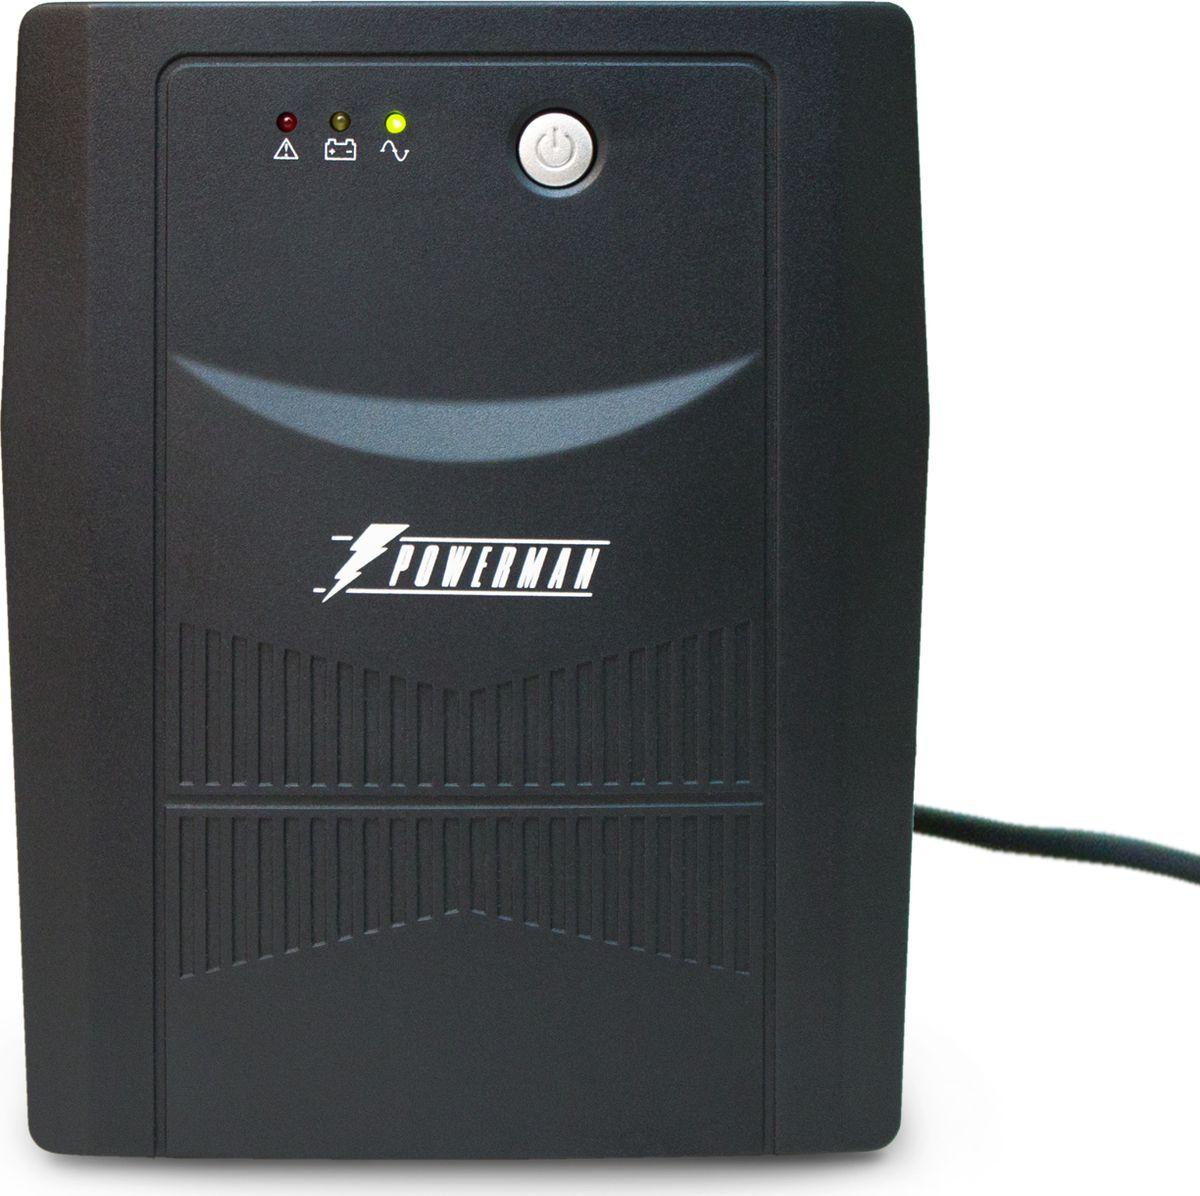 Источник бесперебойного питания Powerman UPS Вack Pro 2000, 2000 ВА источник бесперебойного питания ippon back power pro lcd 600